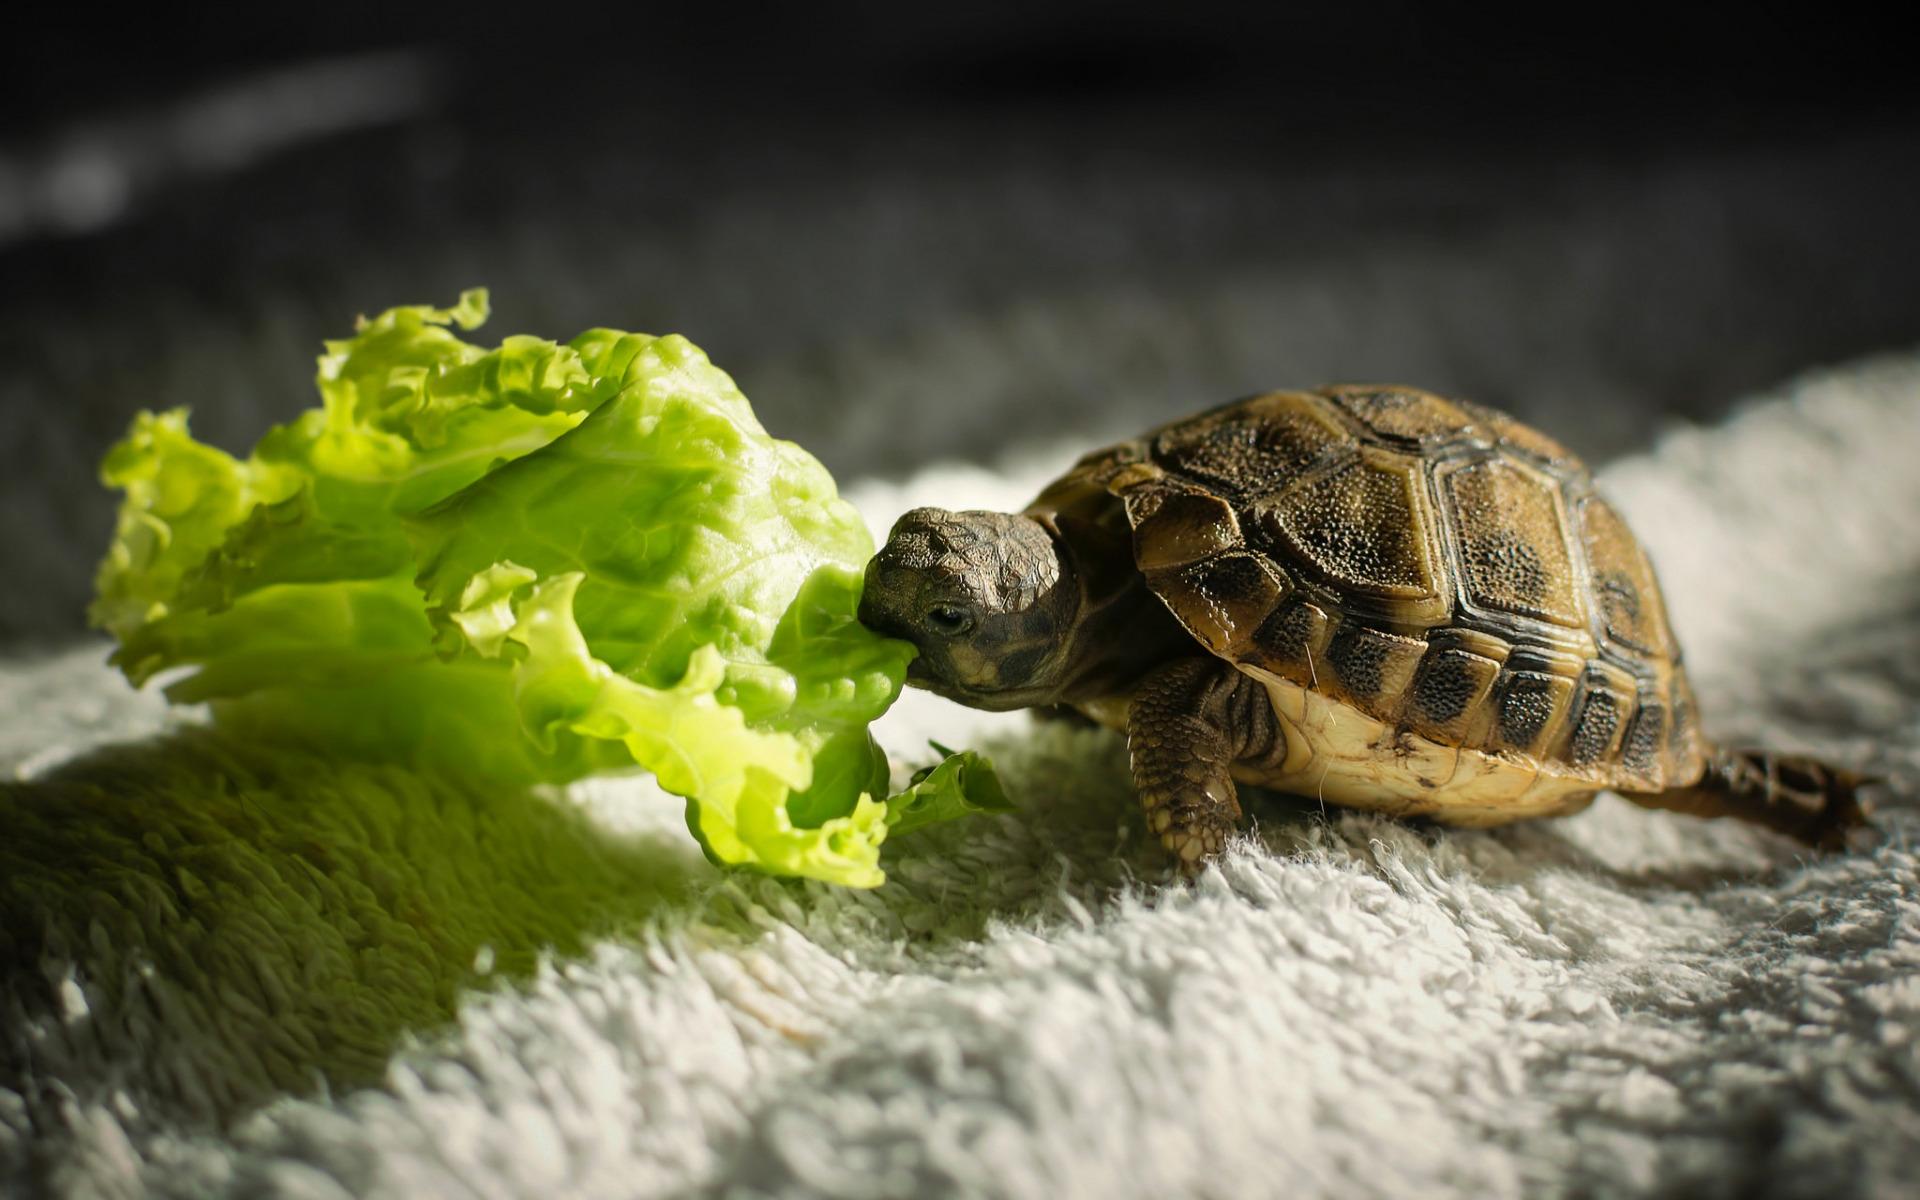 صور صور سلاحف صغيرة , تعرف كيف تعيش السلاحف الصغيره